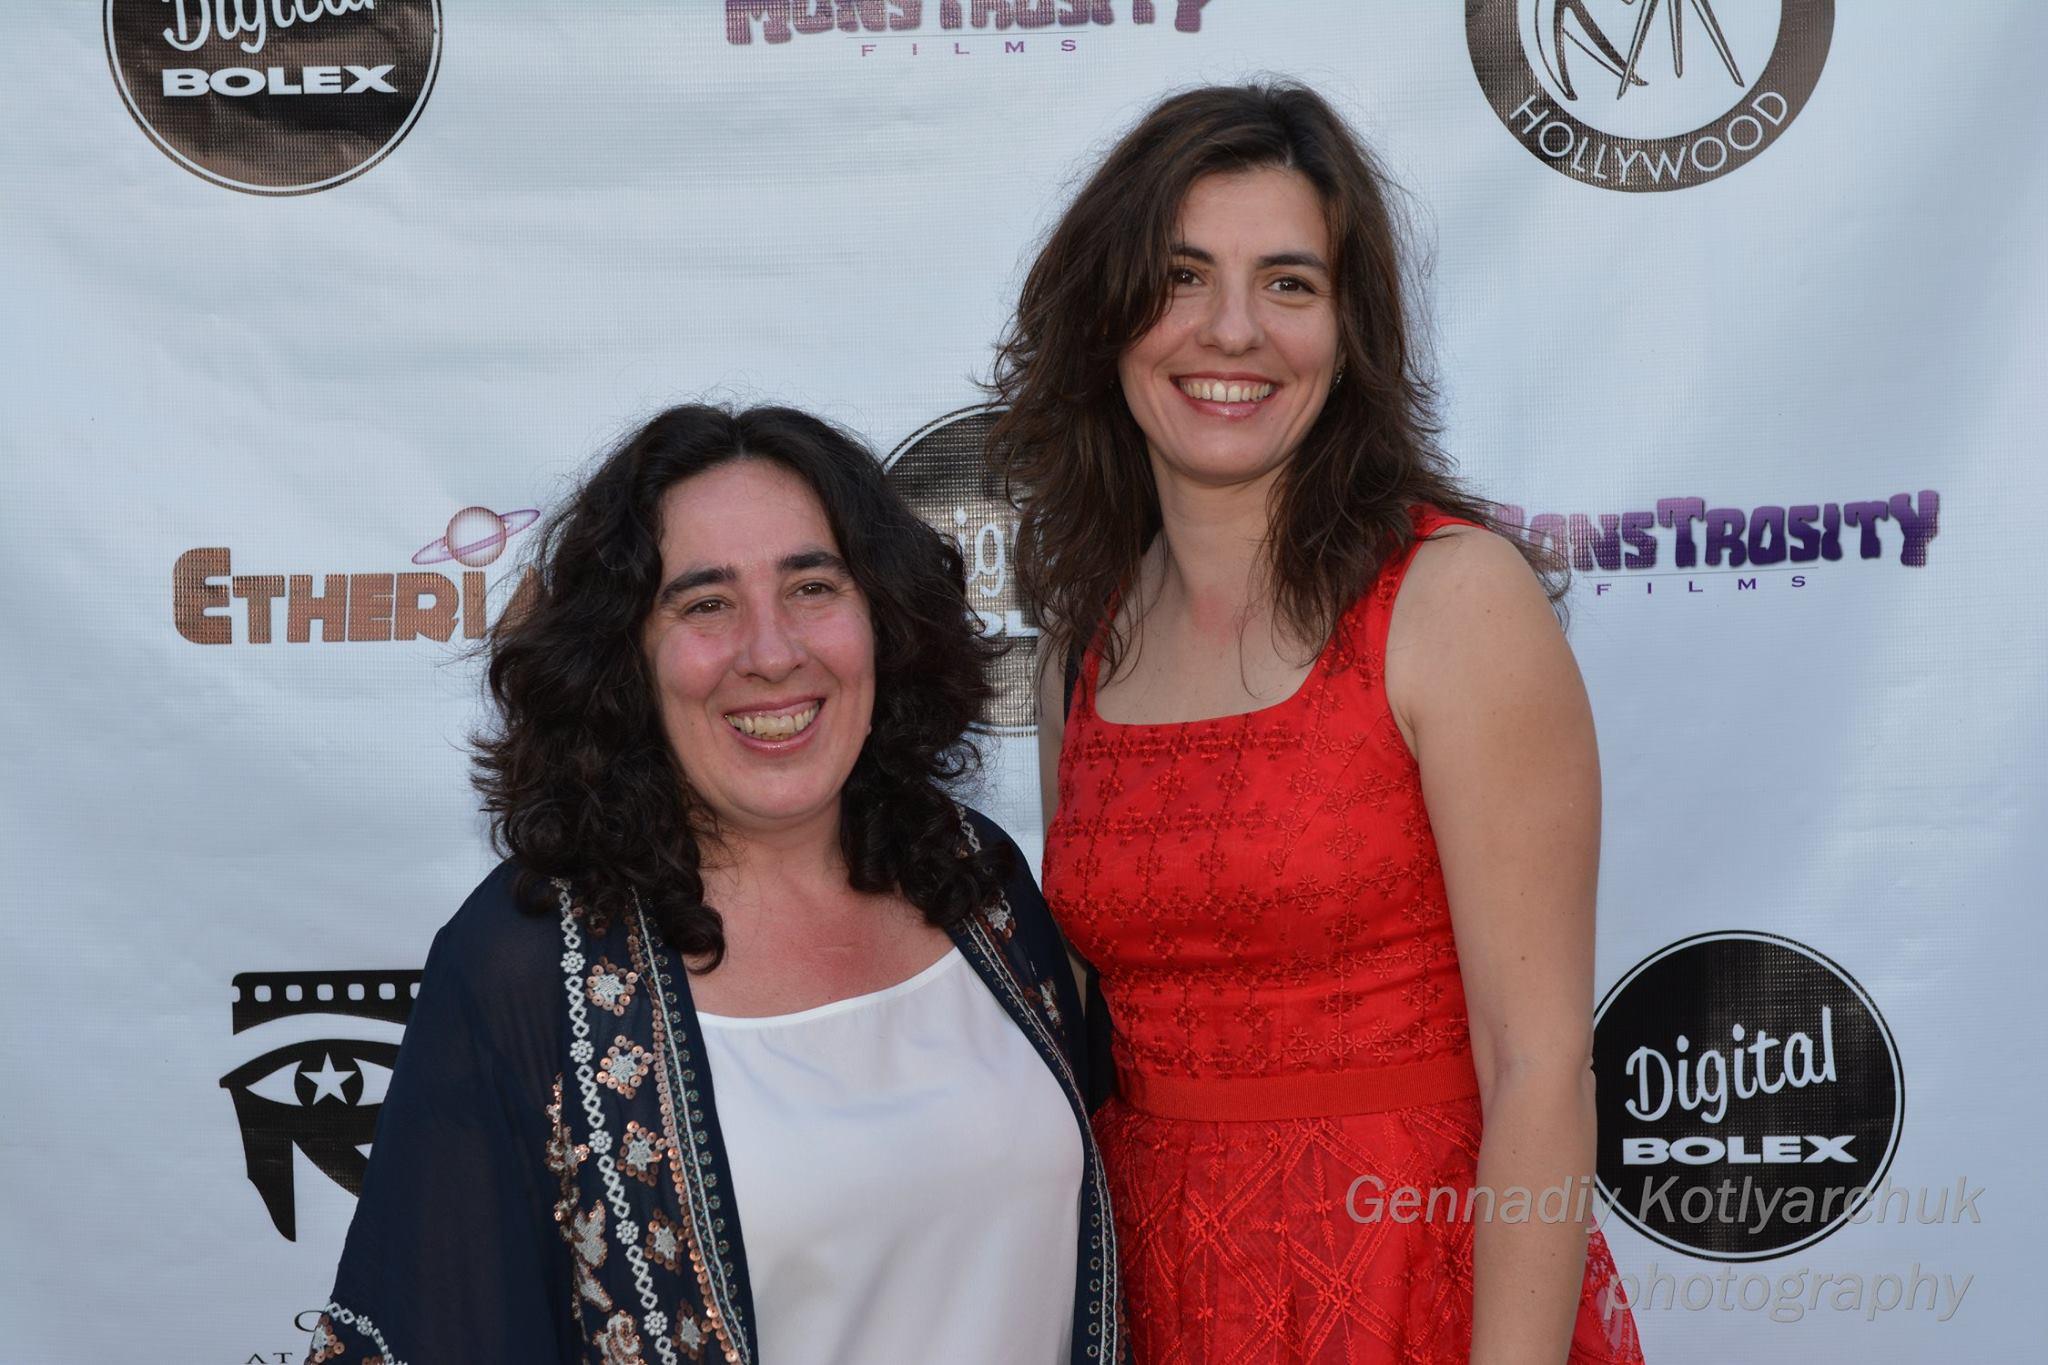 Arantxa Echevarria and Pilar Sánchez Díaz at Etheria Film Night 2015